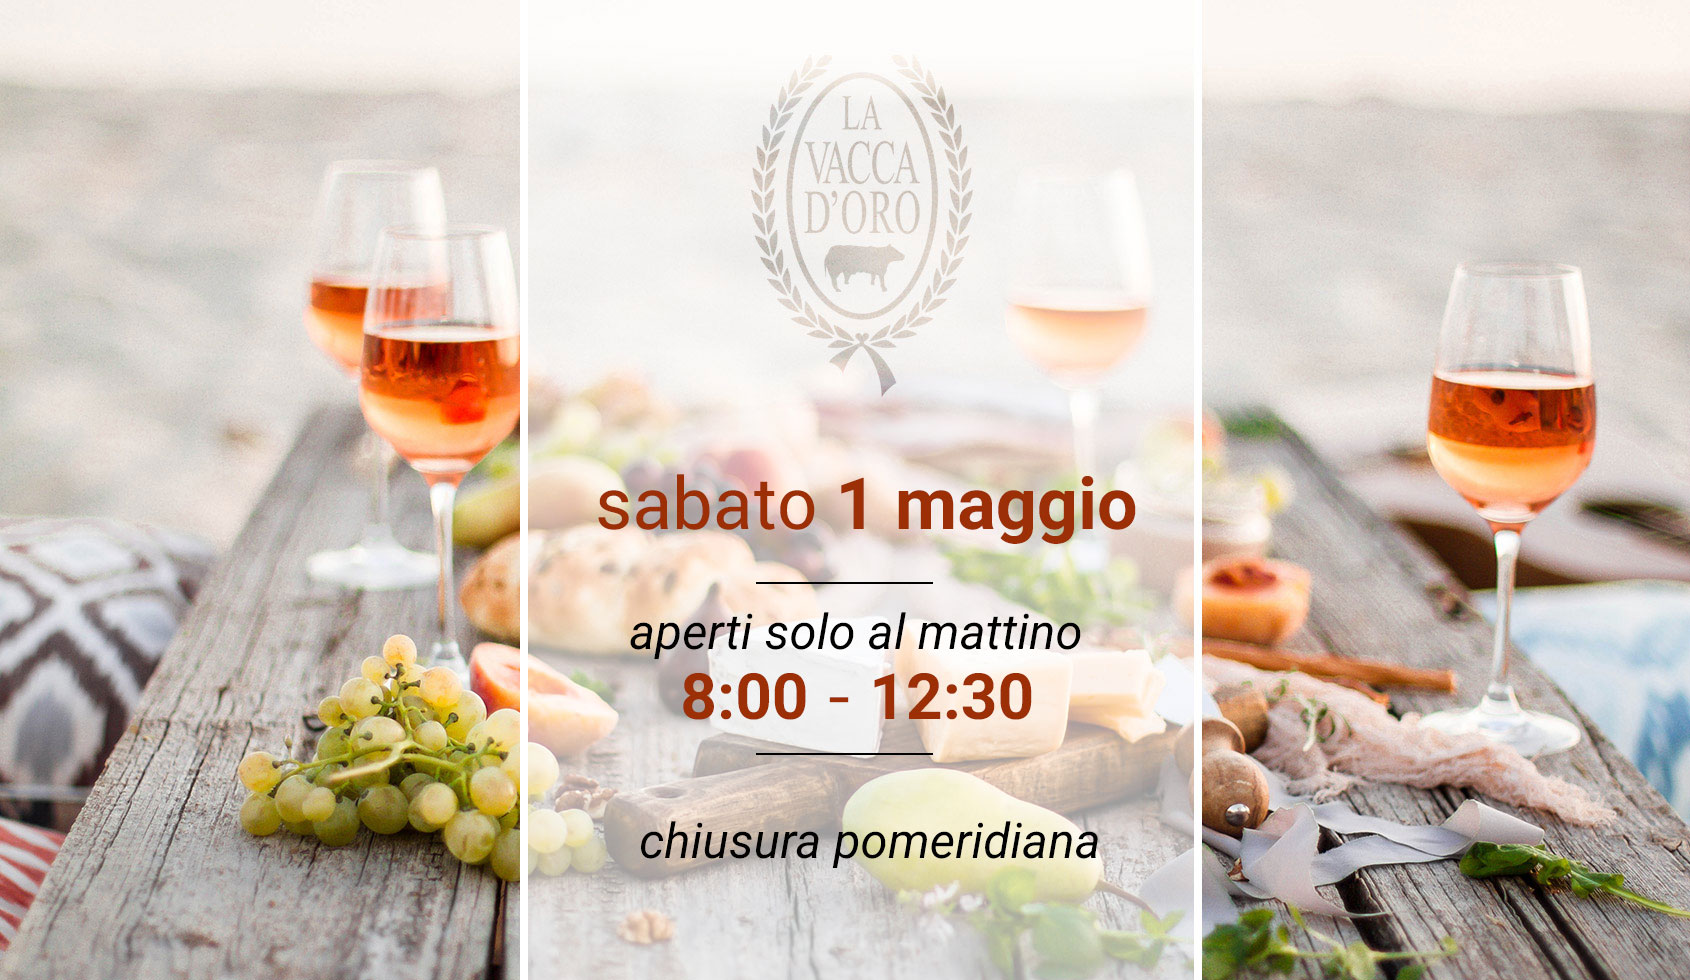 1maggio_lavaccadoro_robecchetto